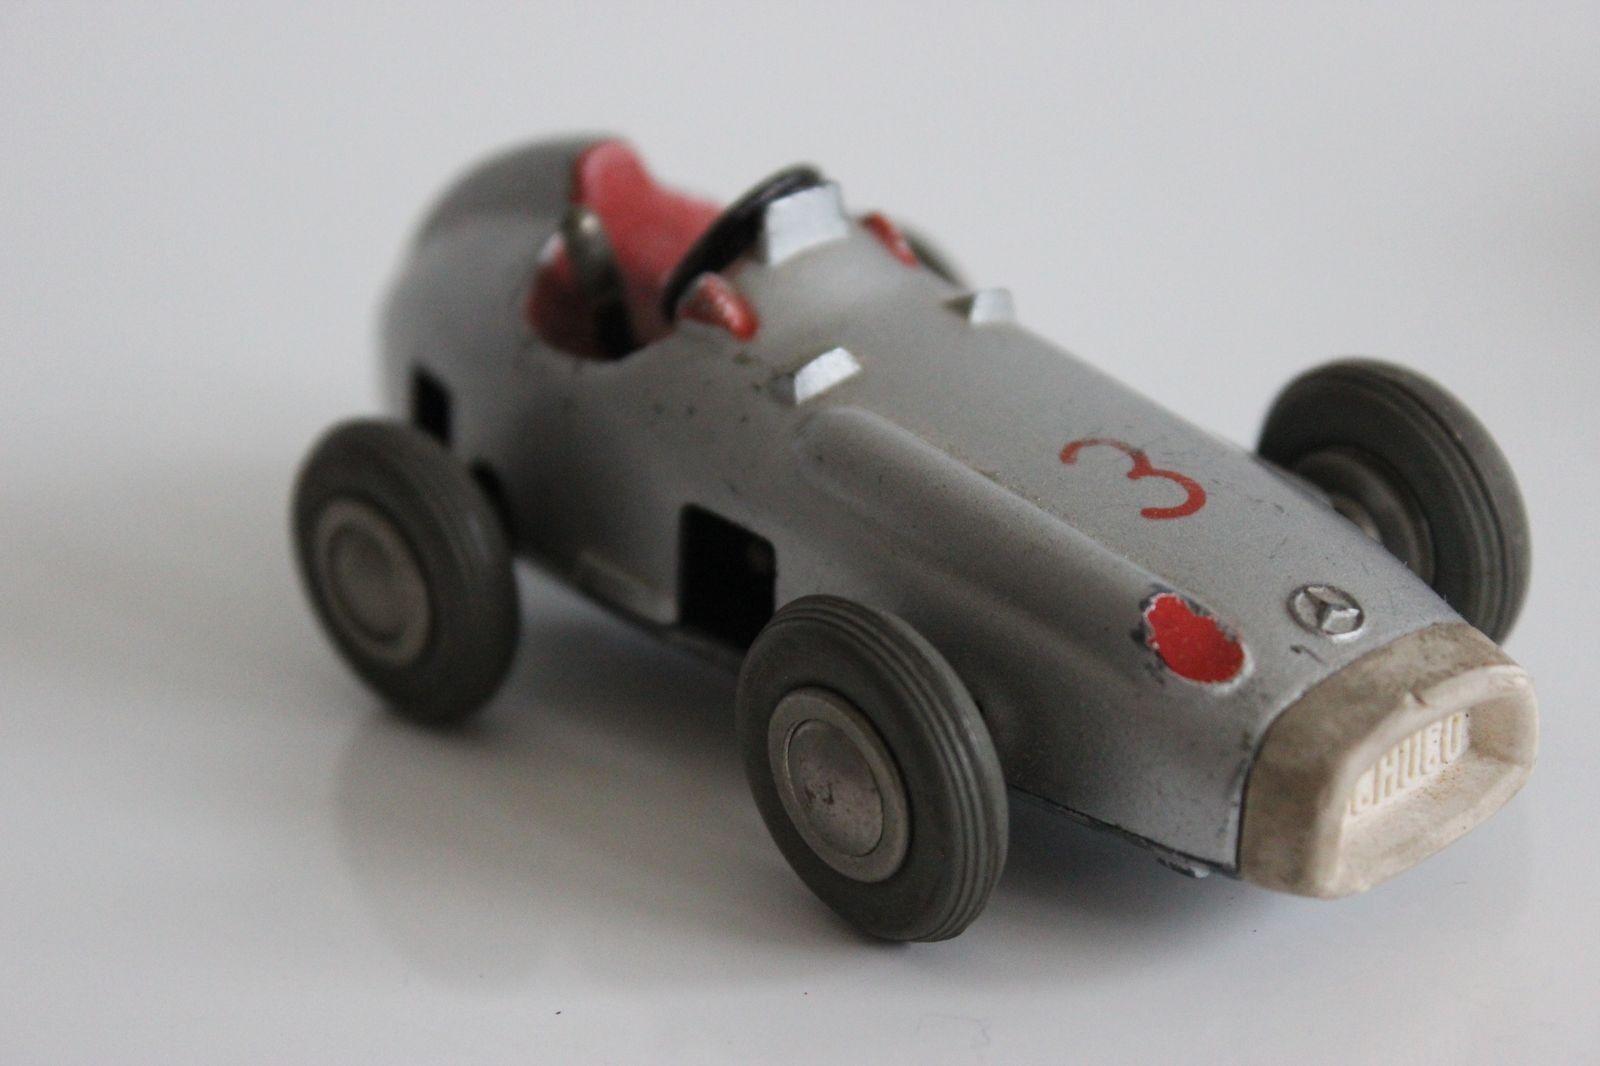 Ancienne voiture en métal Mercedes benz F1 F1 F1 1930 par Schuco 1 43 1043 D.B Patent a2a33d